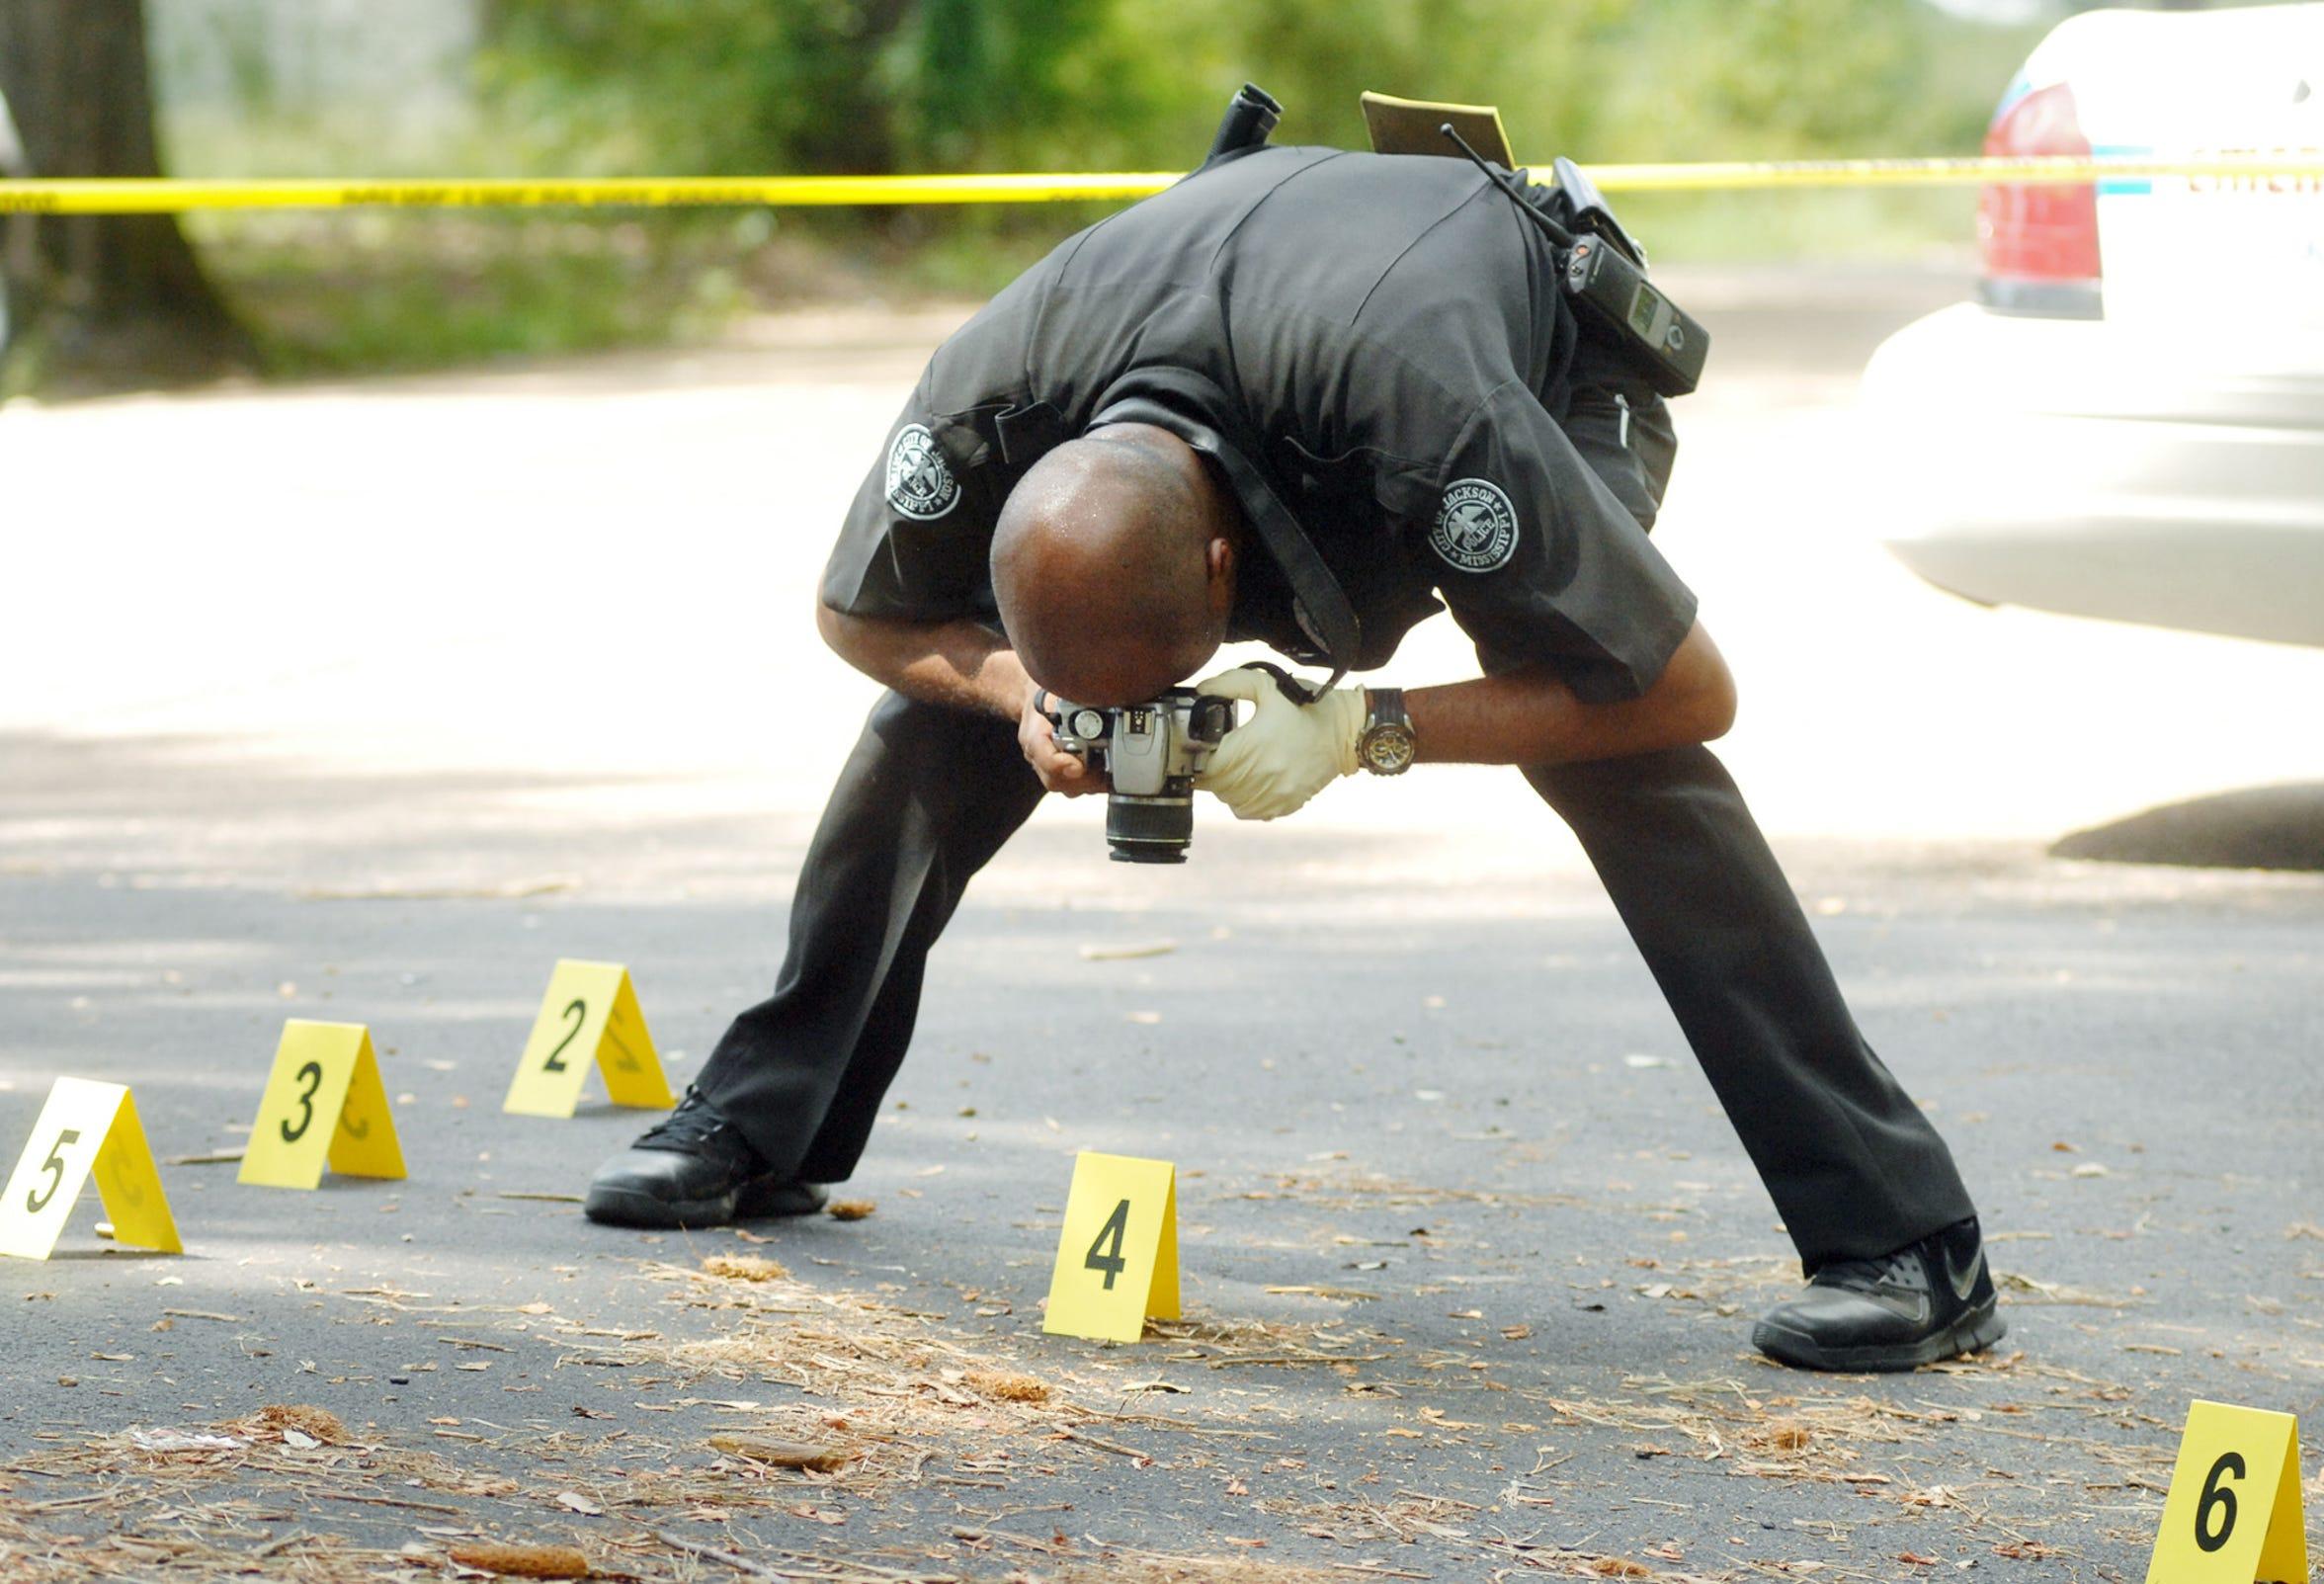 A crime scene investigator photographs shell casings.